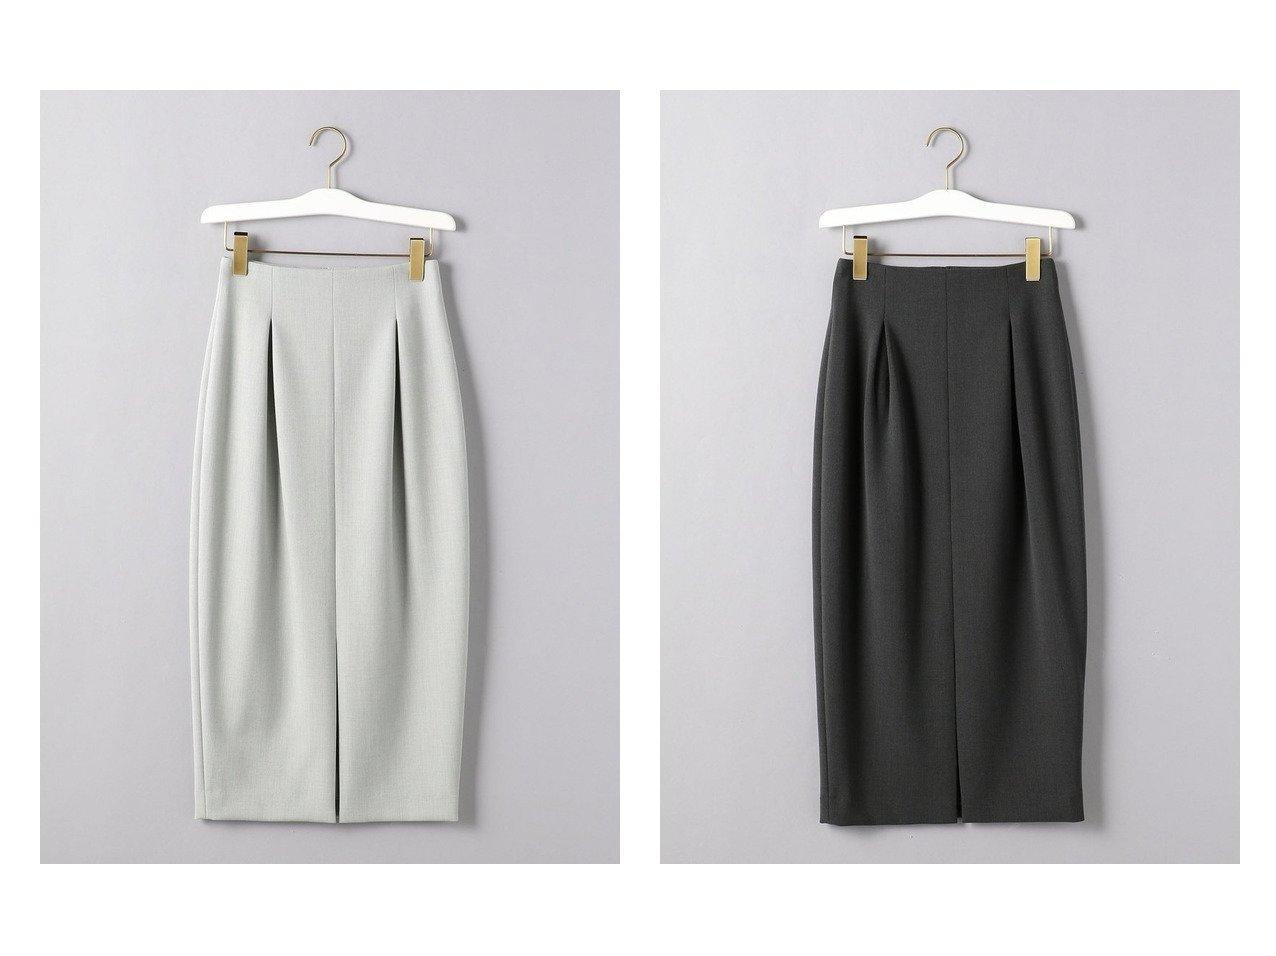 【UNITED ARROWS/ユナイテッドアローズ】のW ハイウエスト タック タイトスカート スカートのおすすめ!人気トレンド・レディースファッションの通販 おすすめで人気の流行・トレンド、ファッションの通販商品 メンズファッション・キッズファッション・インテリア・家具・レディースファッション・服の通販 founy(ファニー) https://founy.com/ ファッション Fashion レディースファッション WOMEN スカート Skirt ロングスカート Long Skirt ジャージ スリット タイトスカート フロント ボックス ロング |ID:crp329100000008986